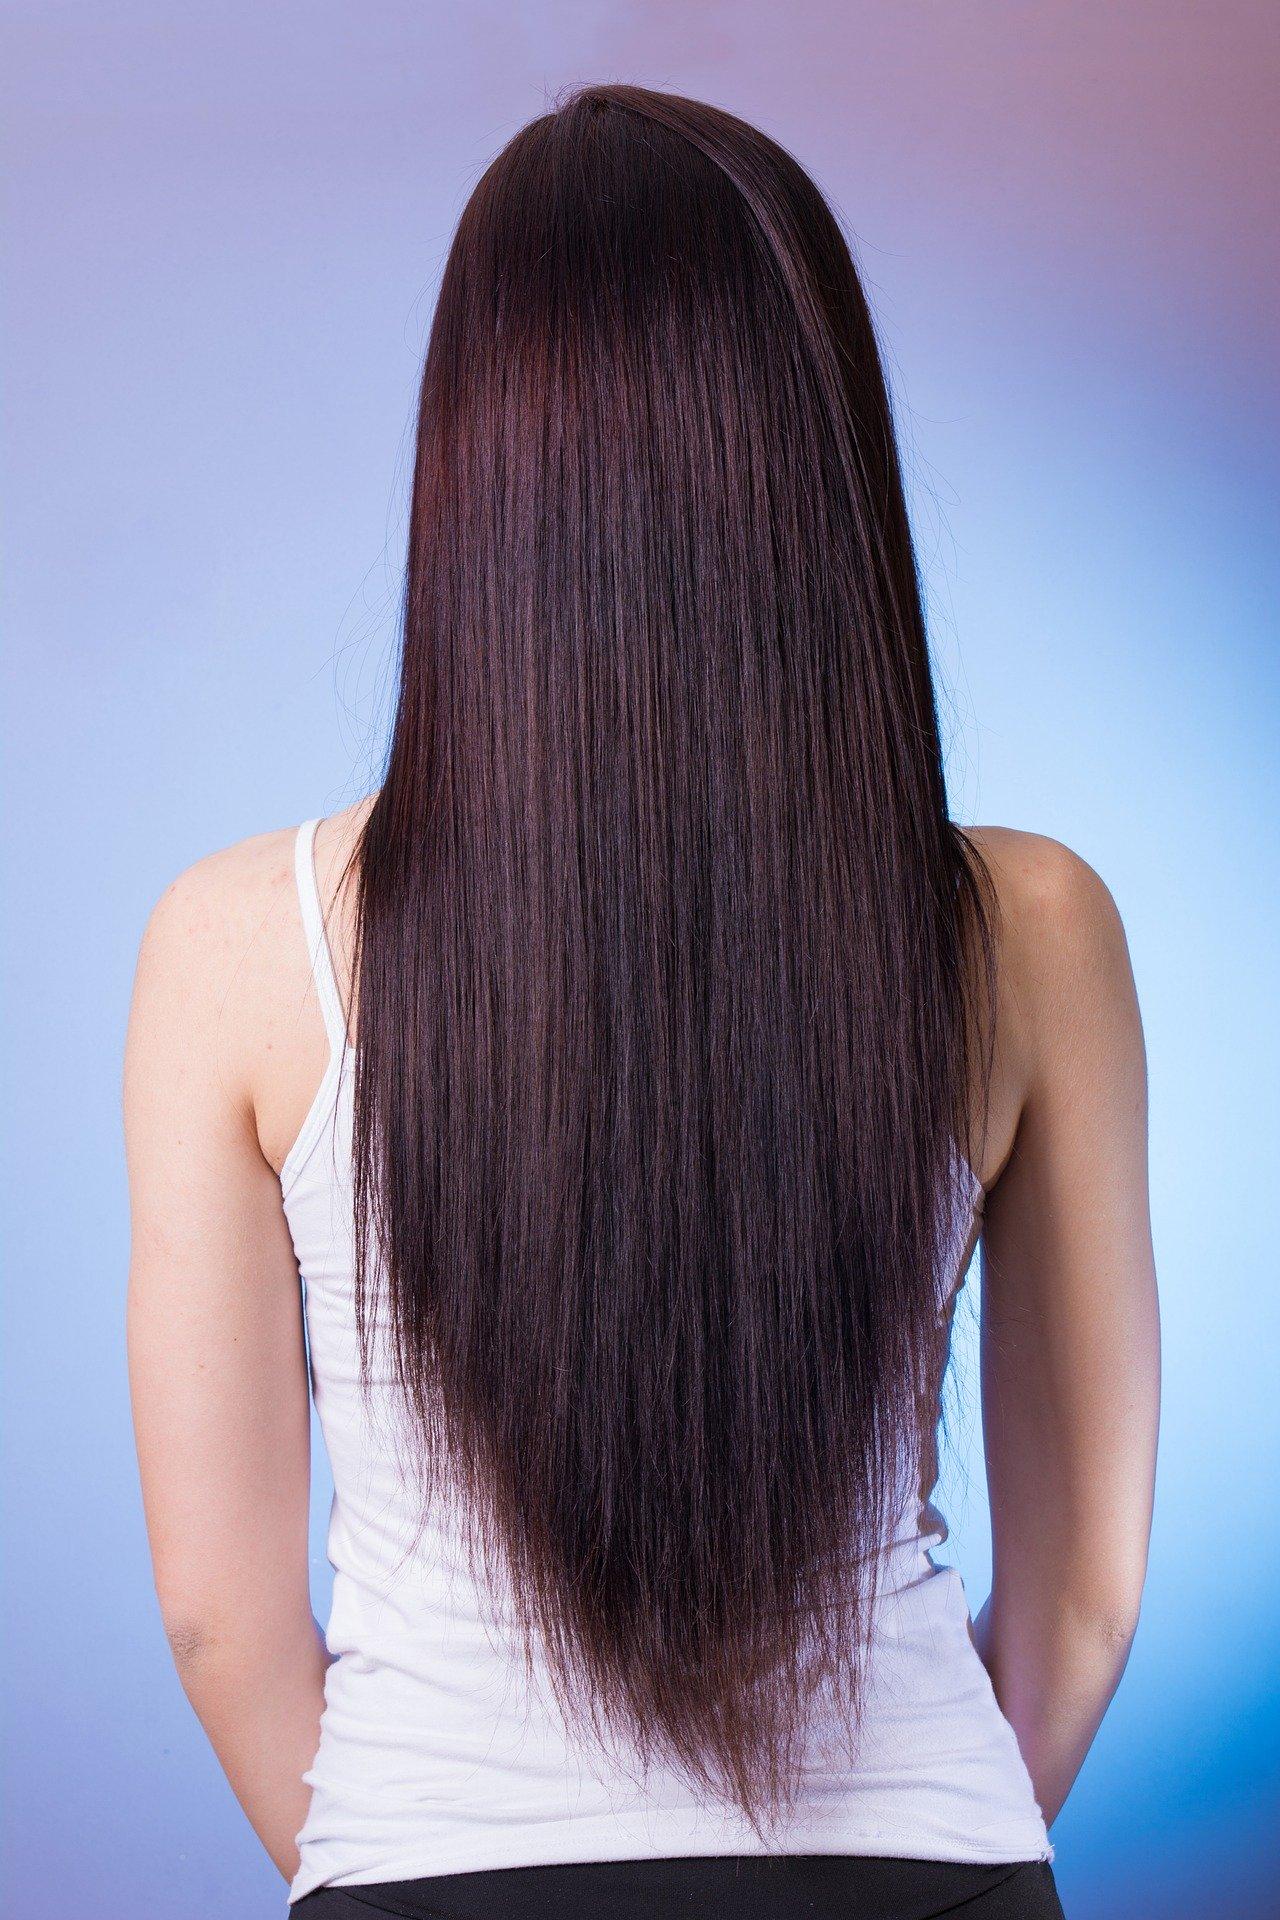 Для нанопластики волос тщательно выбирайте мастера!